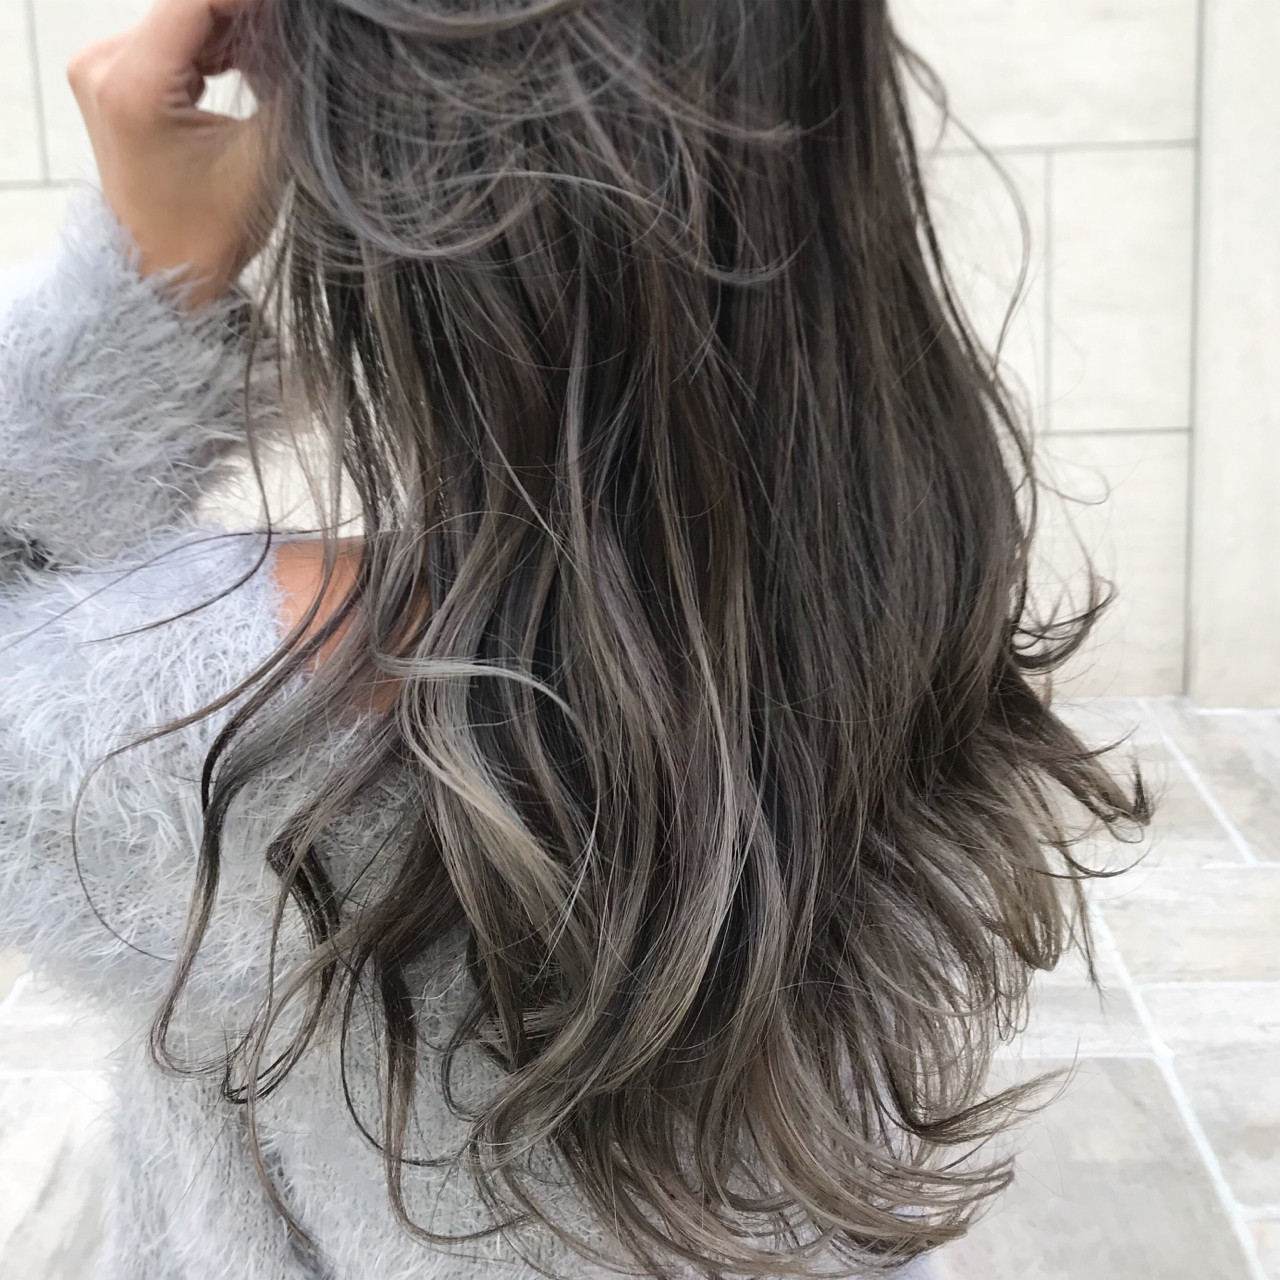 波ウェーブ ハイライト ウェーブ ロング ヘアスタイルや髪型の写真・画像